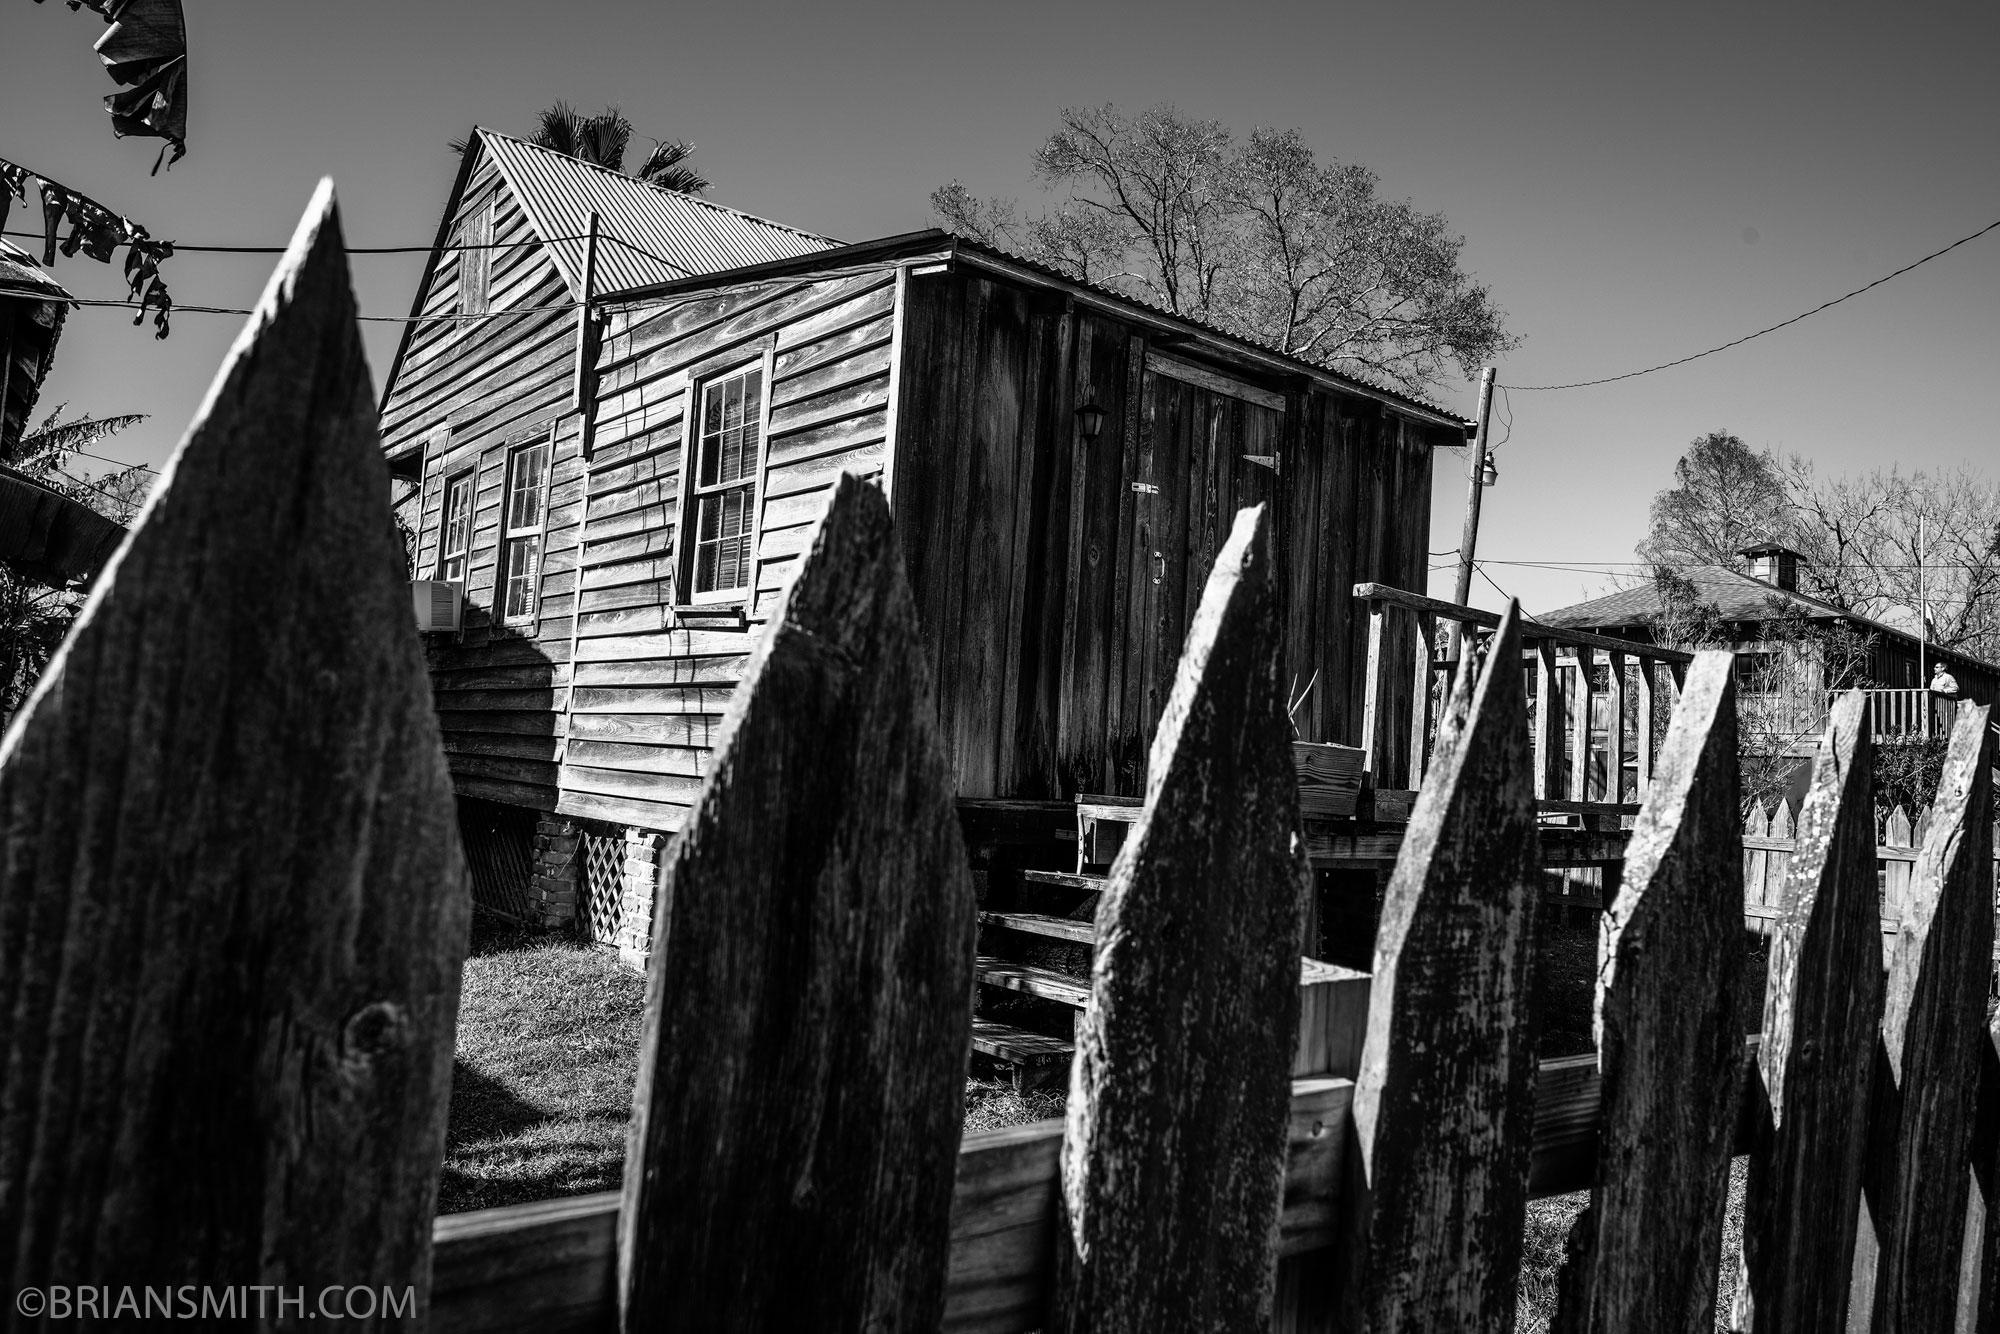 House in Houma, Louisiana shot with FE 24-70 F2.8 G Master lens